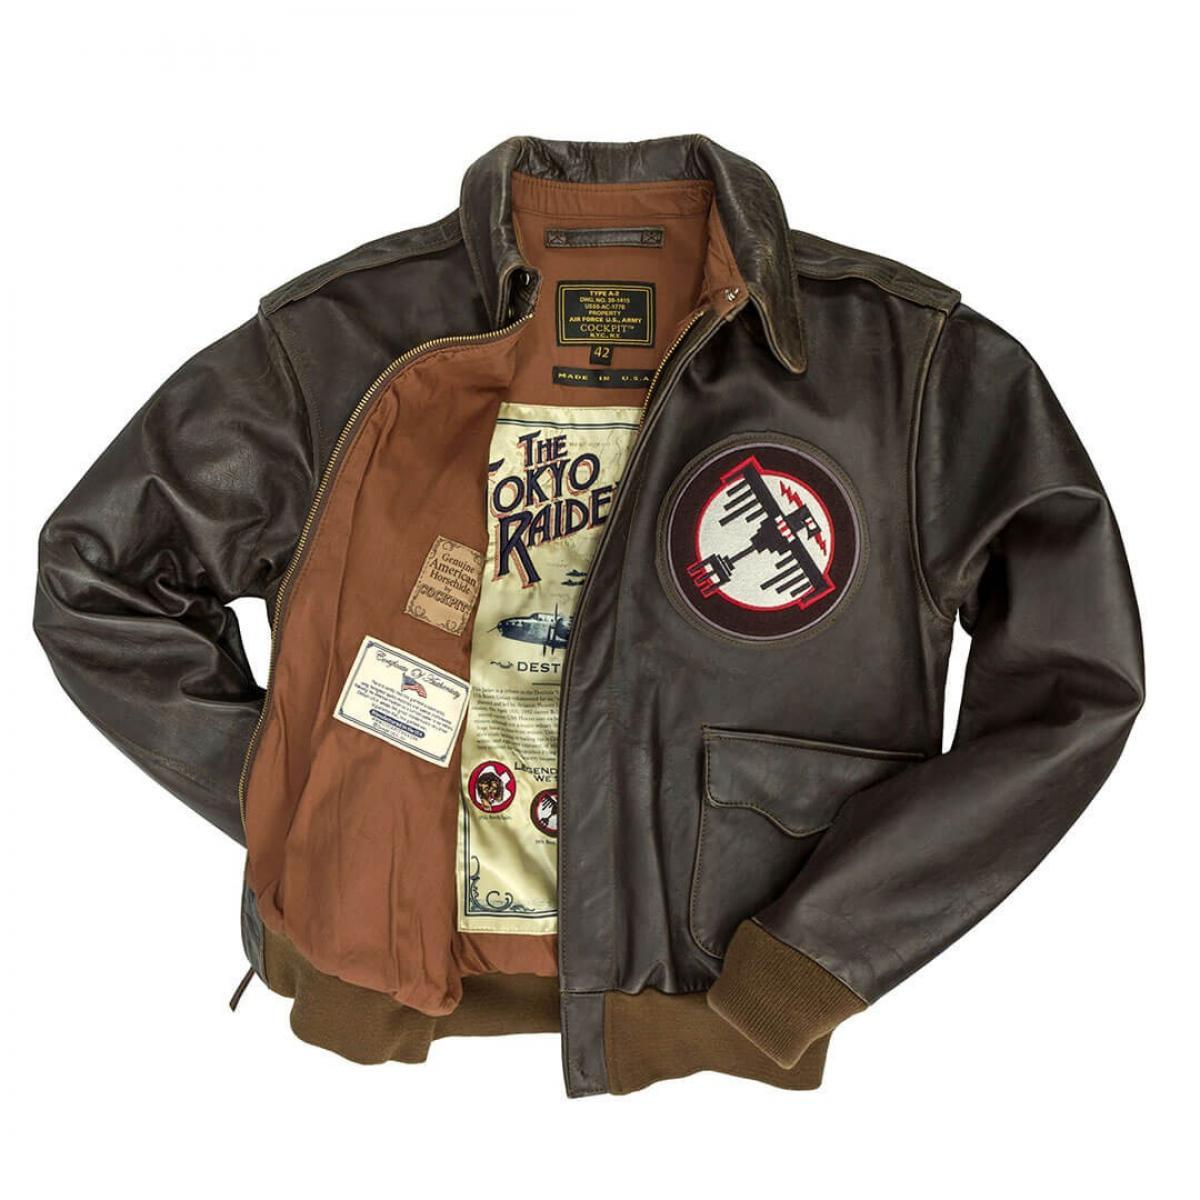 materiales de alta calidad los más valorados diseño atemporal Chaqueta Aviador. Tokyo Raiders A-2 Jacket